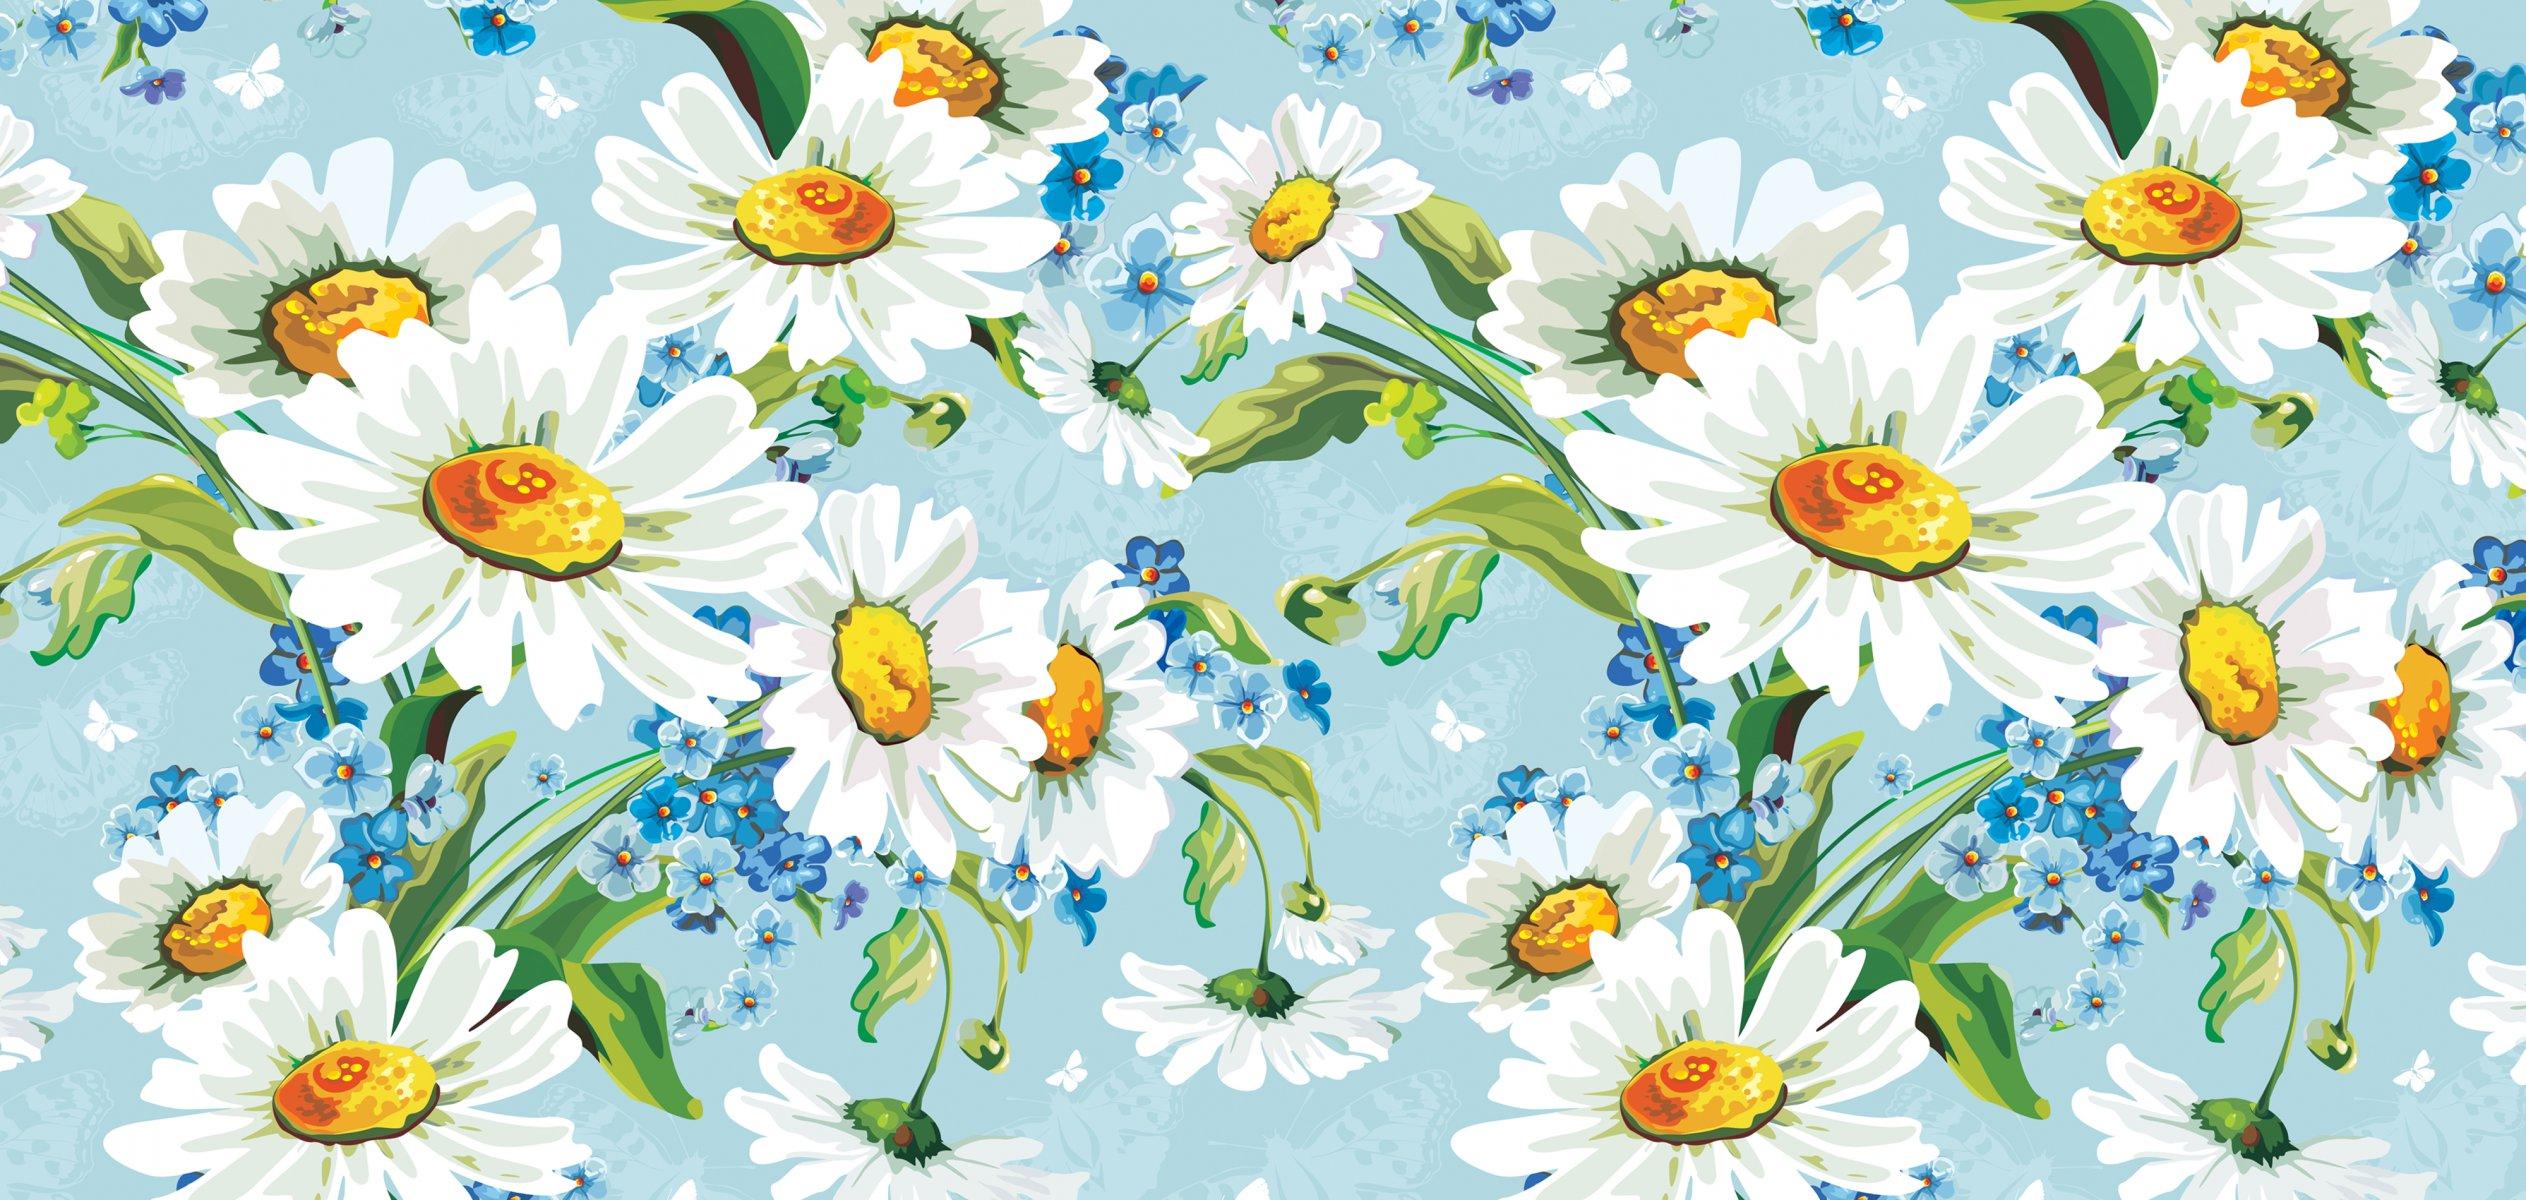 Открытка с ромашками картинка, цветок рисунок стих